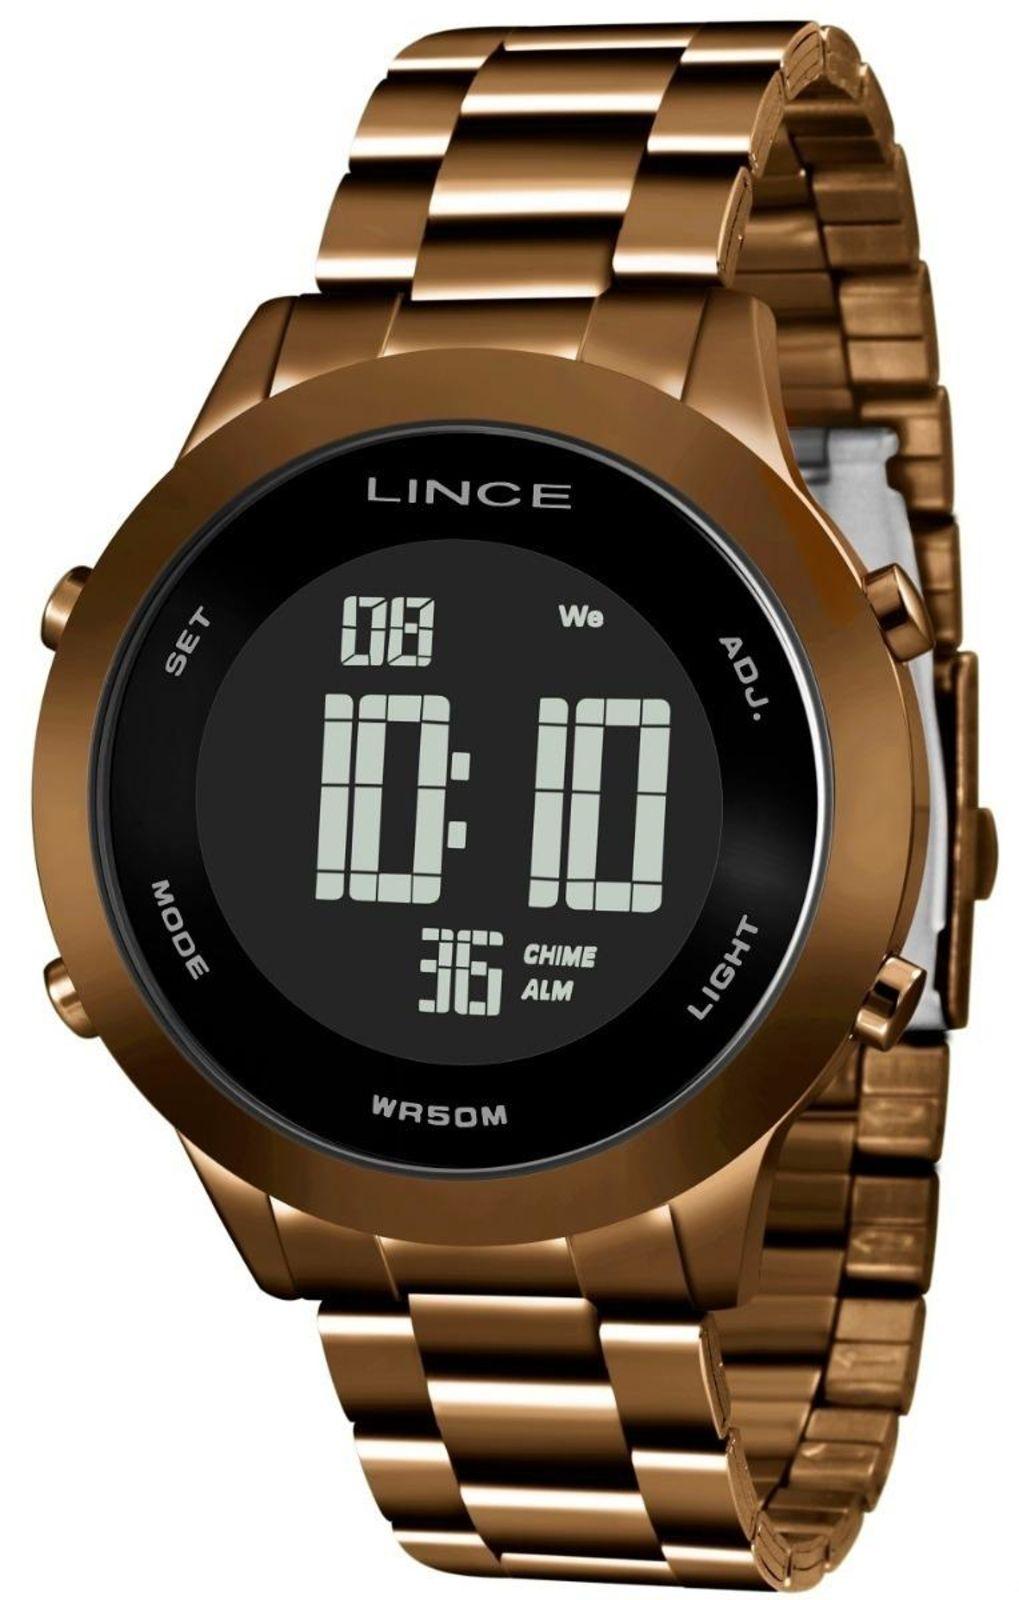 85c1cd2e614 Relógio Lince Marrom - SDPH084L PXNX